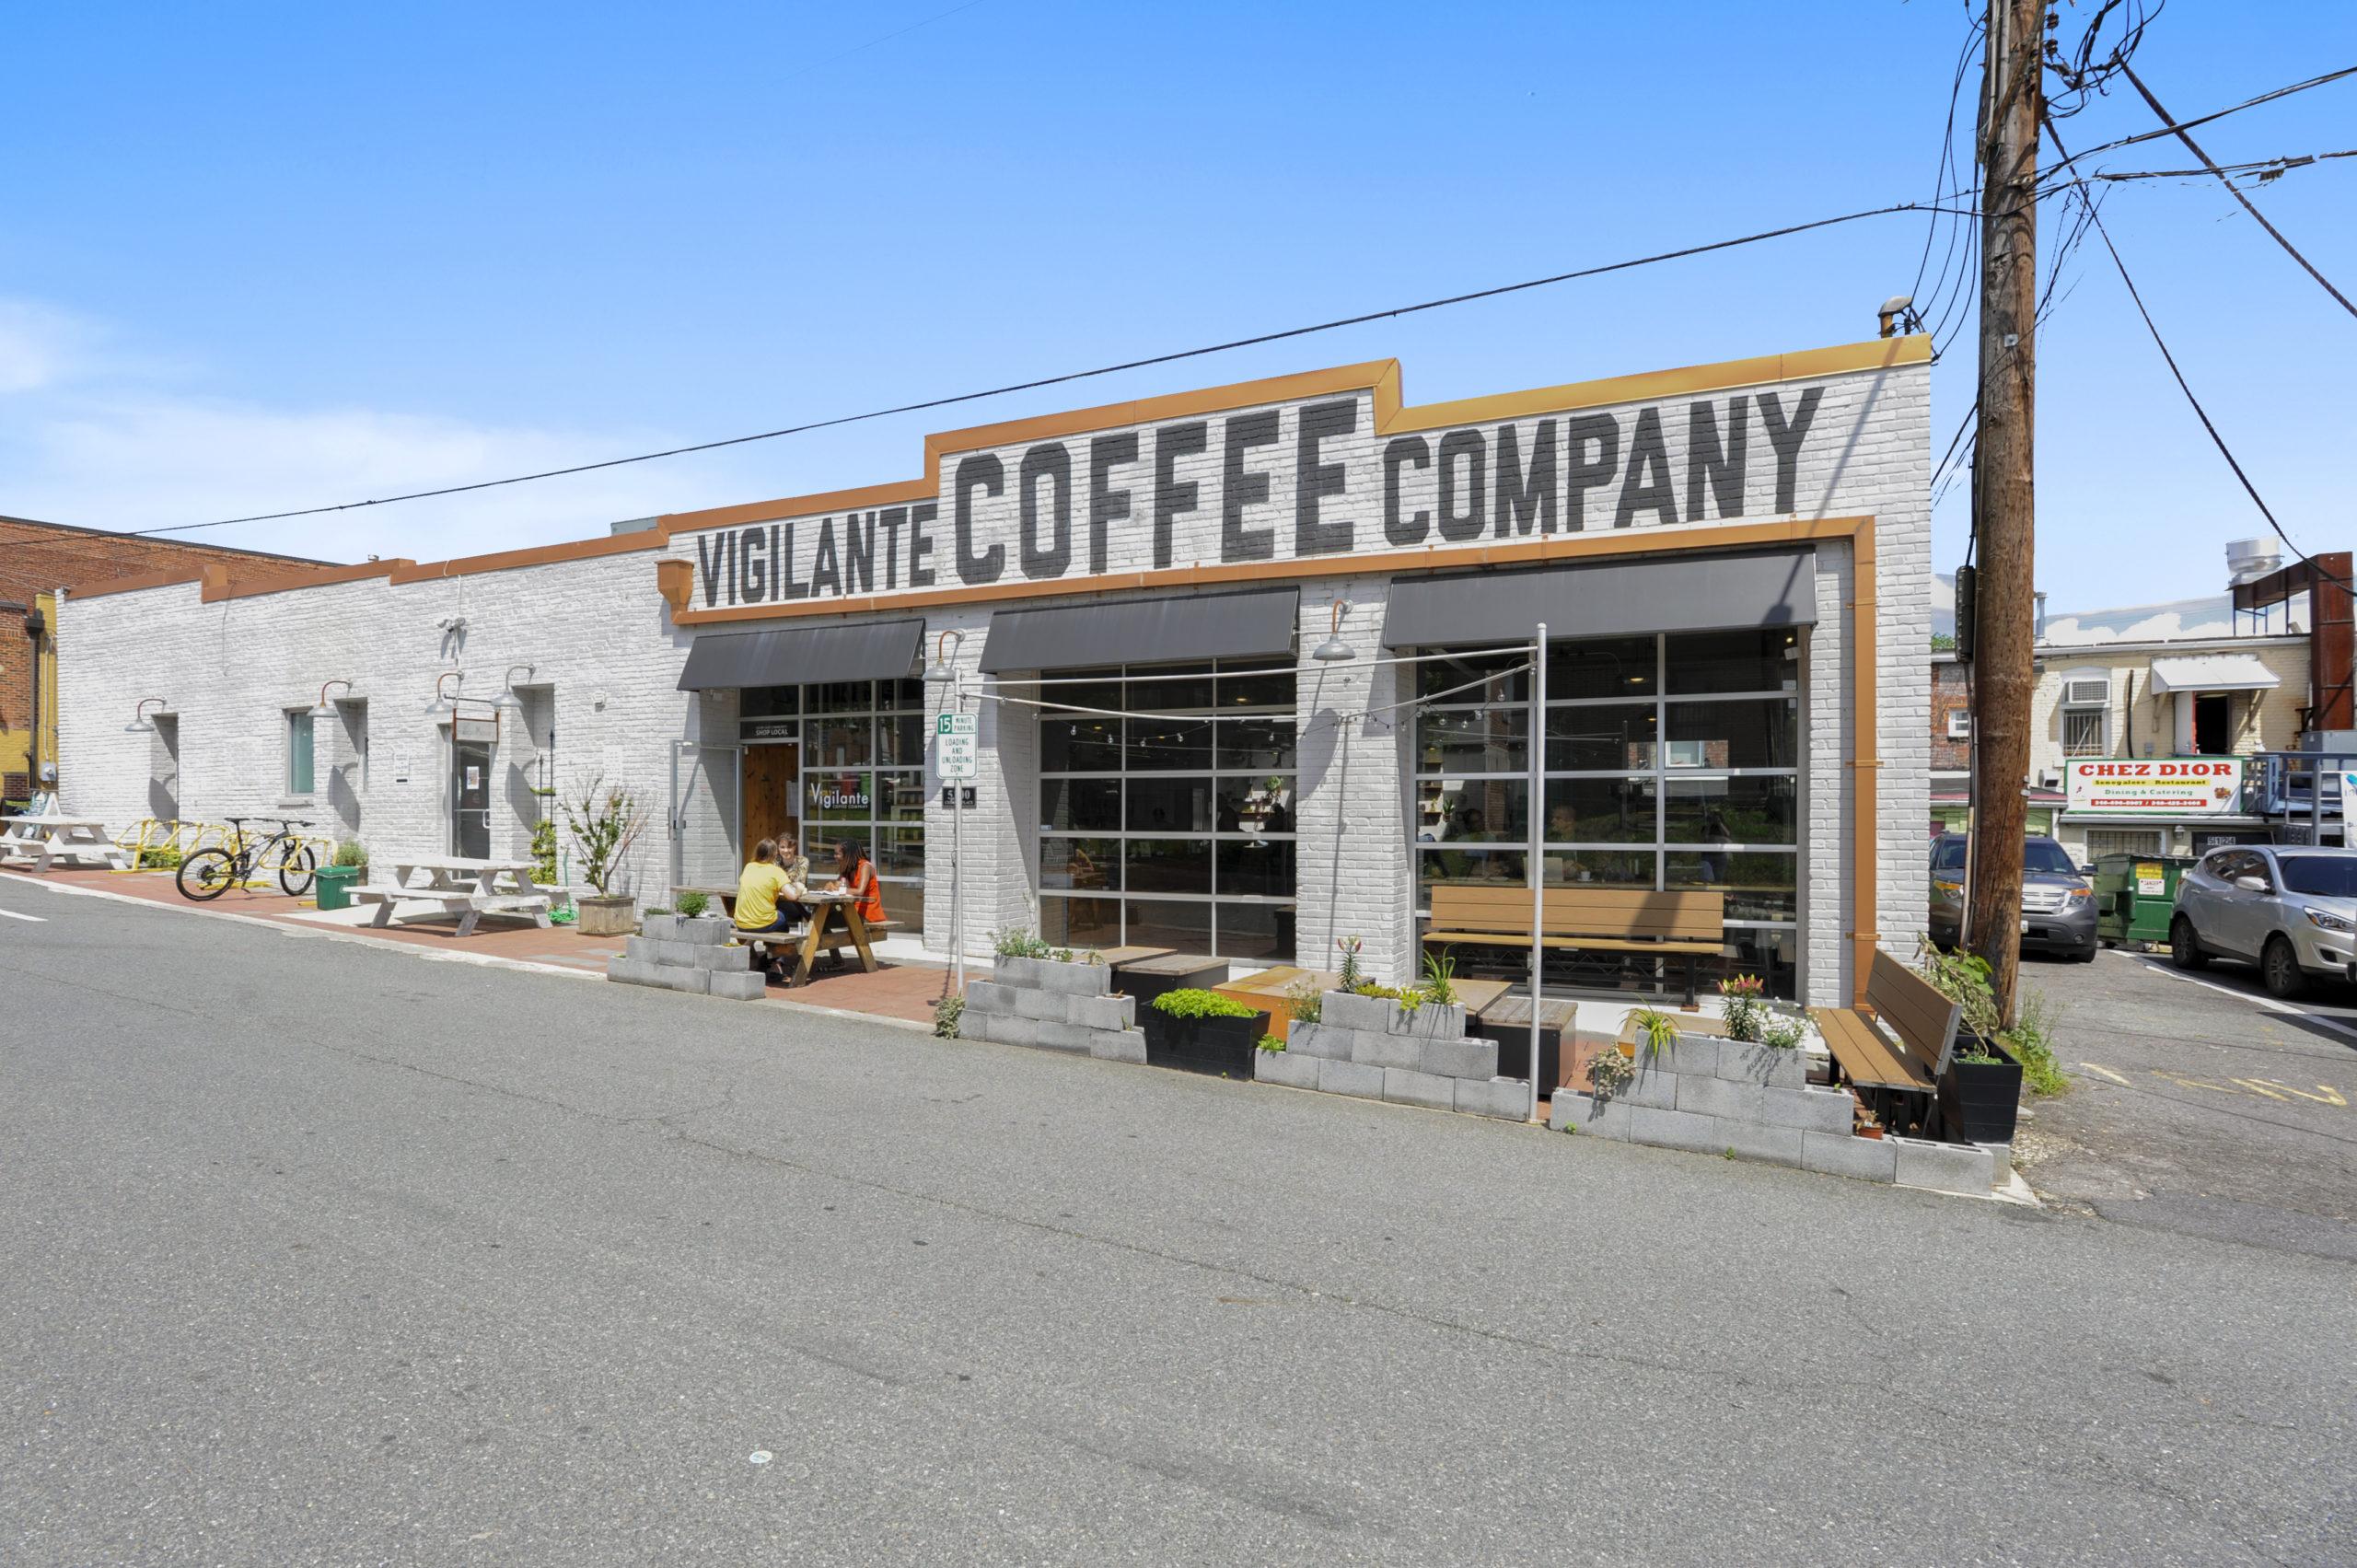 Exterior-Amenity-Vigilante Coffee-Amenity-Vigilante Coffee-_0004145